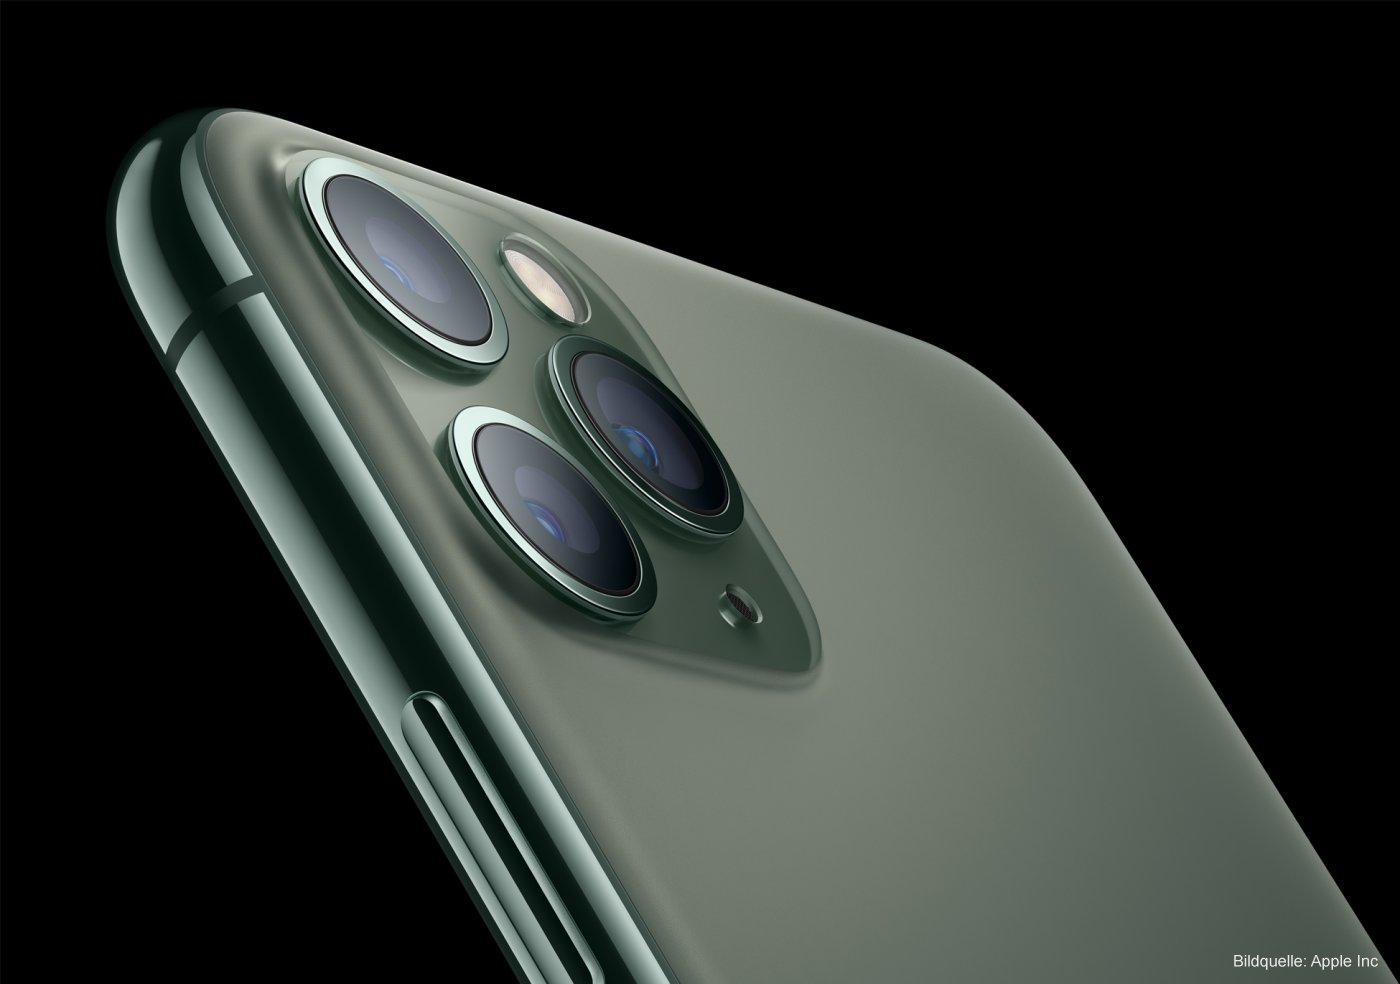 Rückseite des Apple iPhone 11 Pro Smartphone